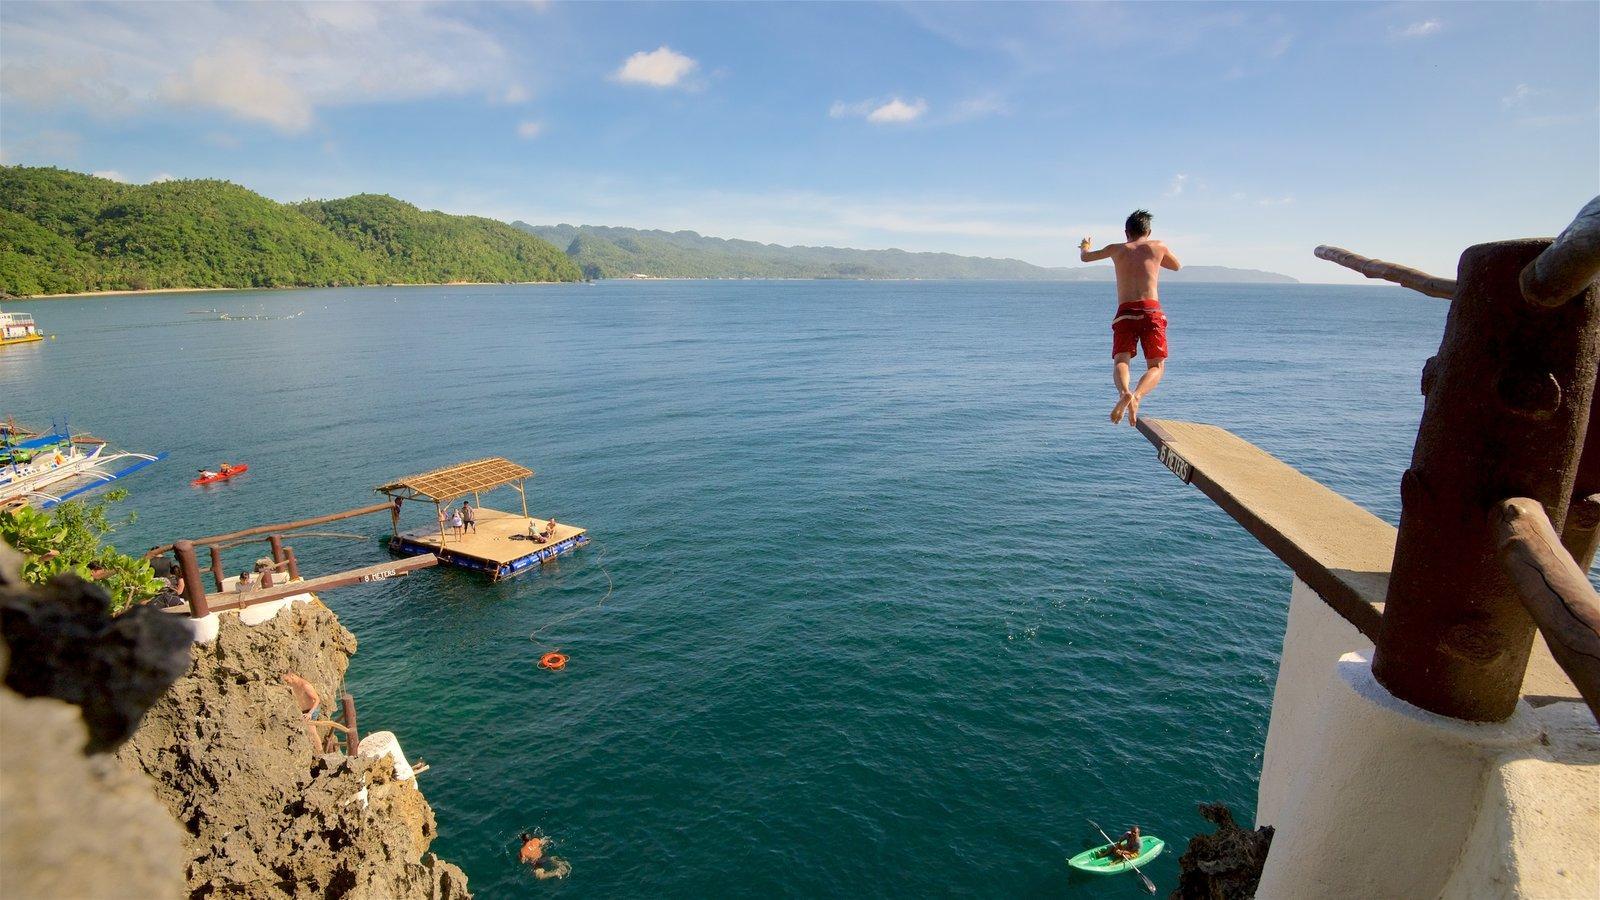 Khám phá Boracay – một trong những hòn đảo tuyệt vời nhất thế giới 2017